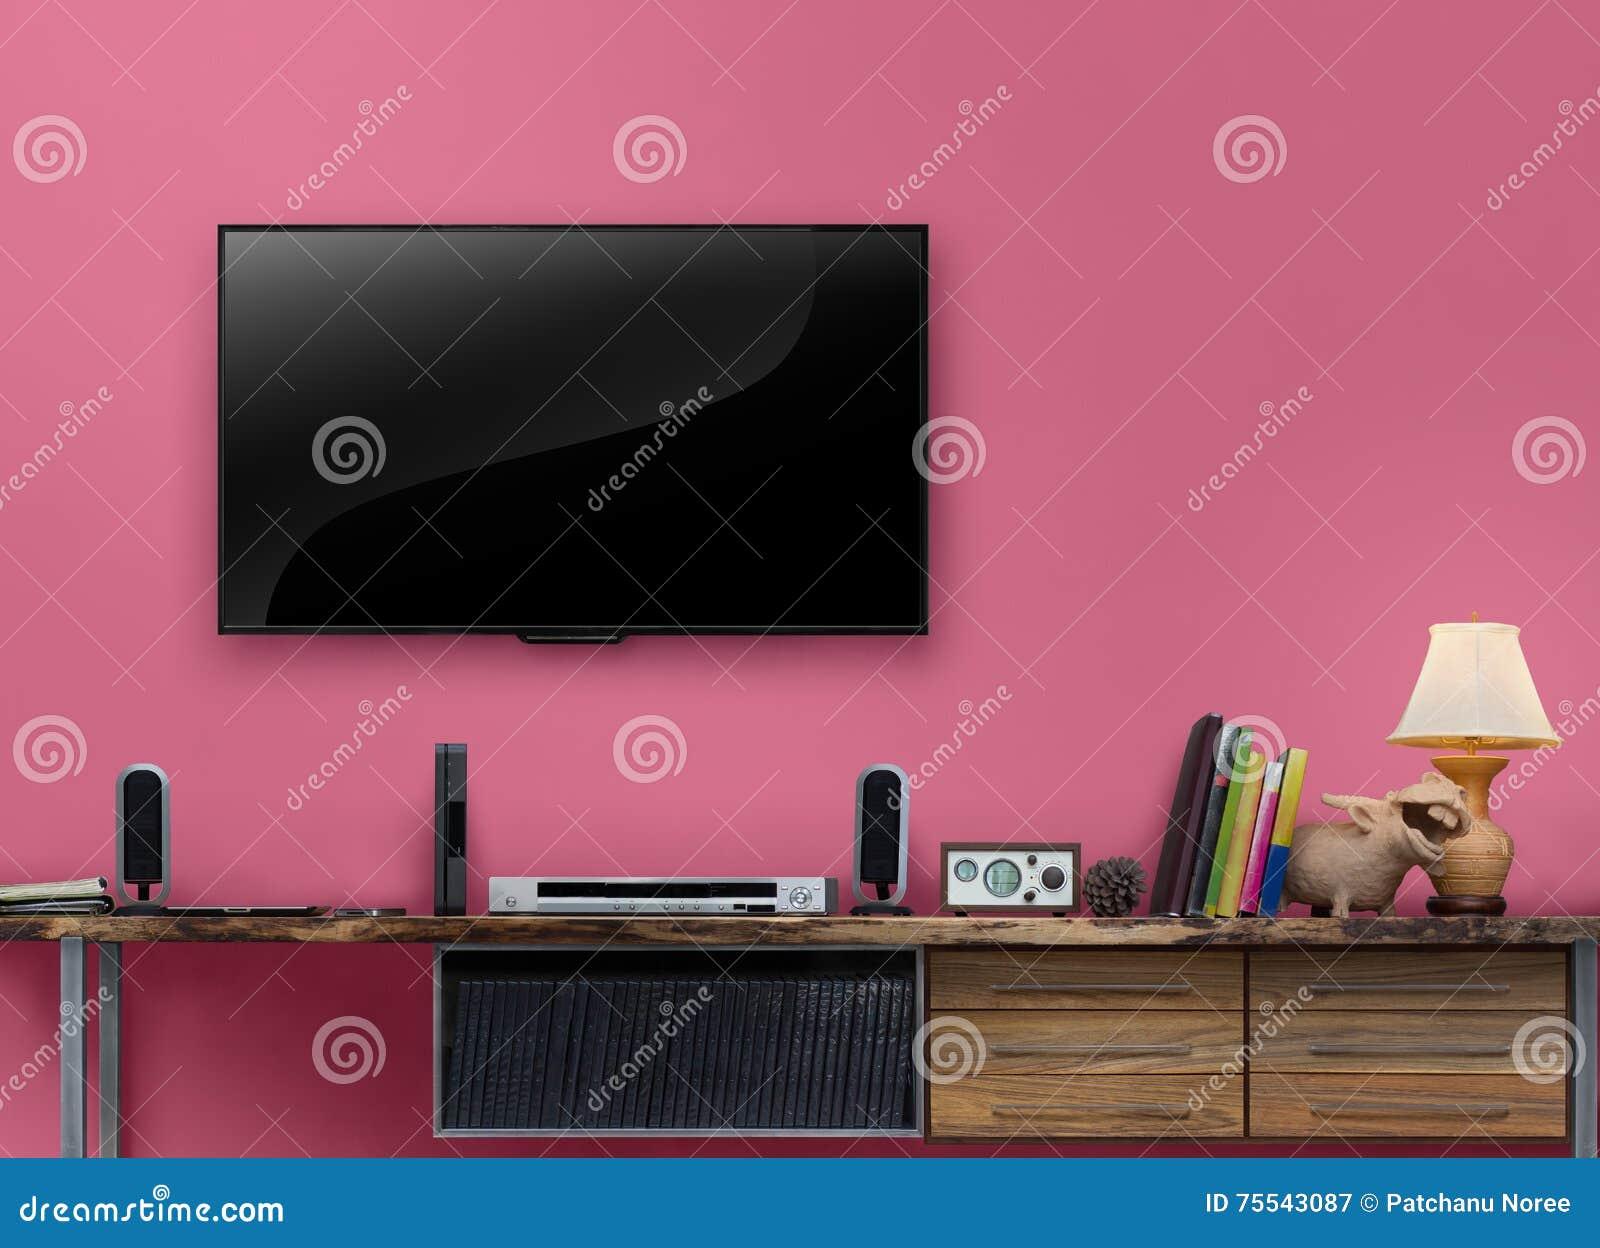 De Geleide Houten Lijst Van TV Met Roze Muur In Woonkamer Stock ...